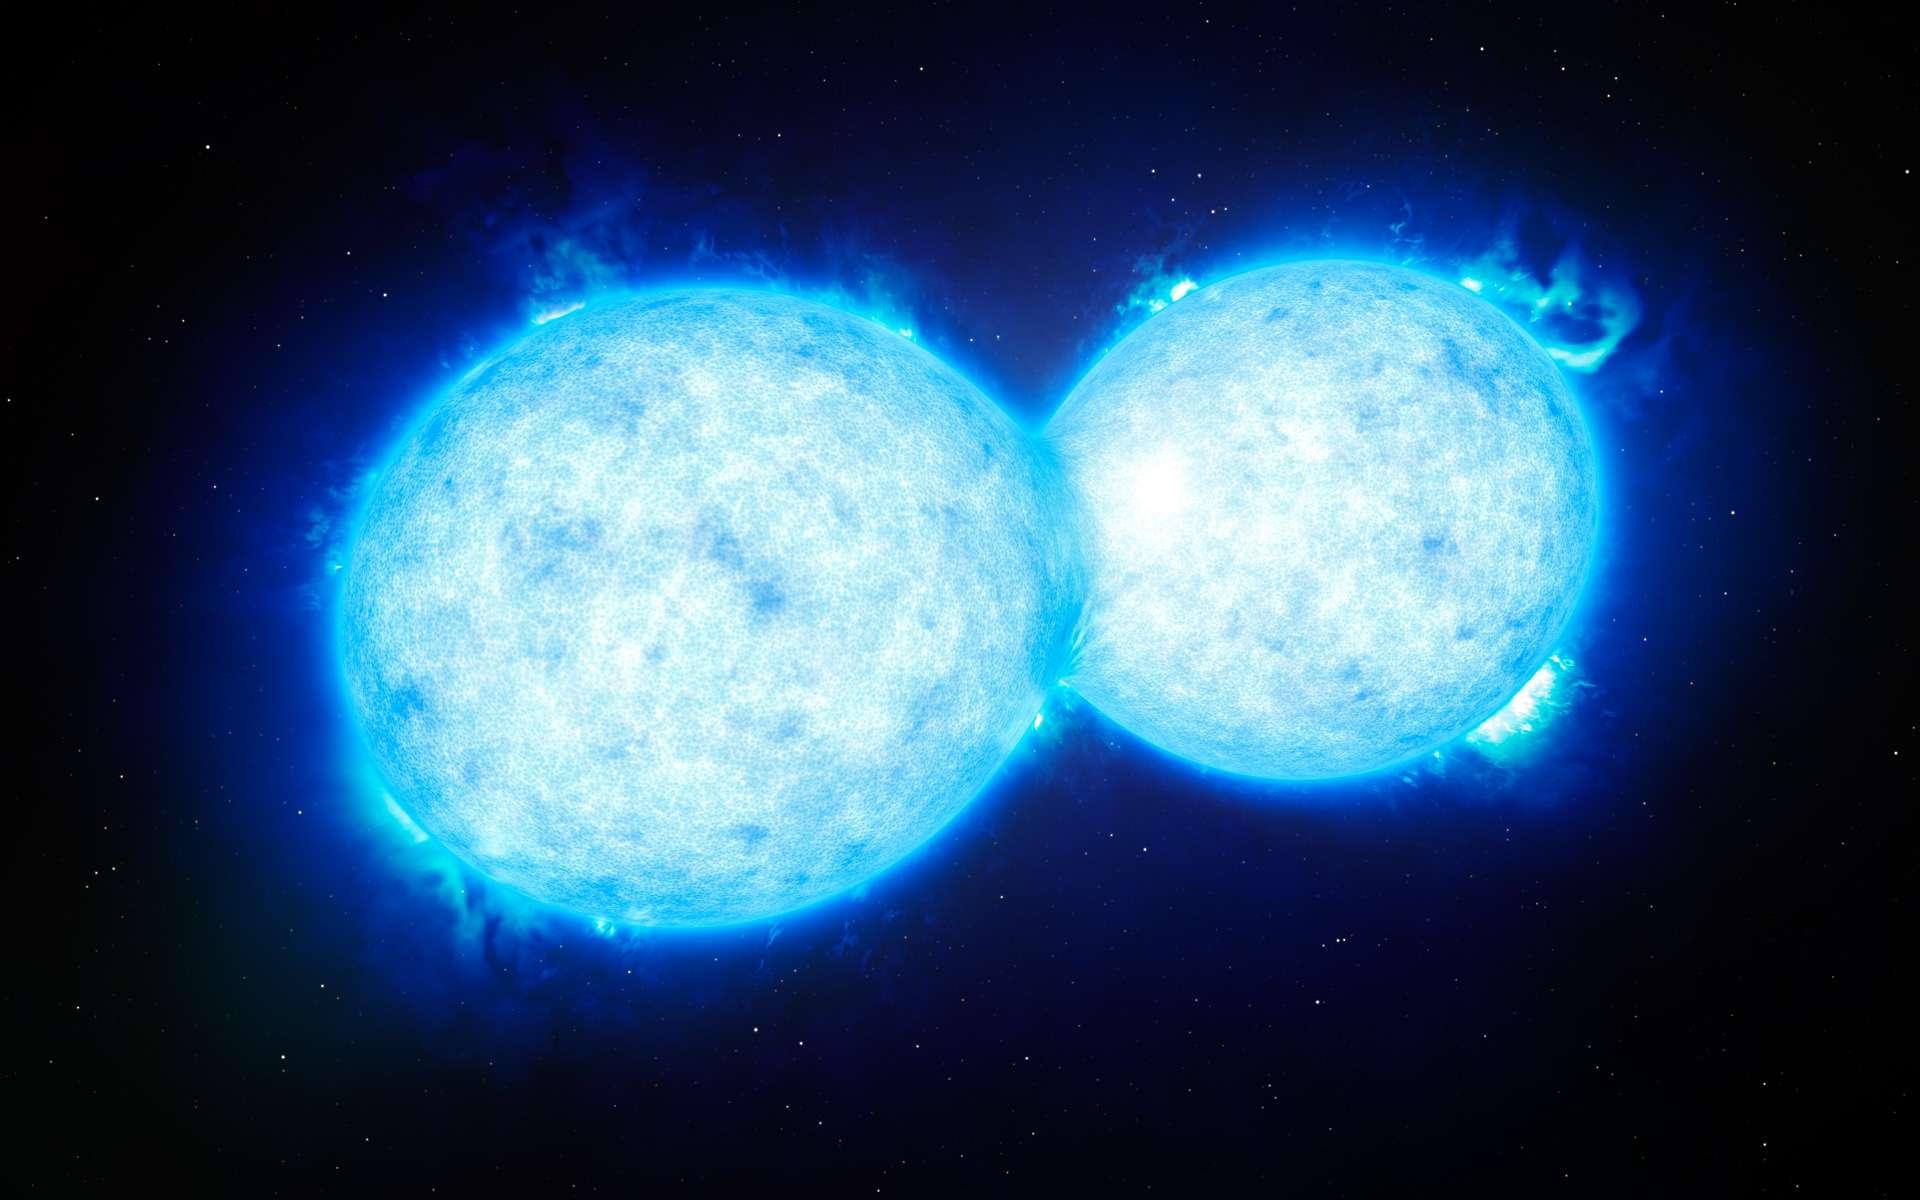 Cette vue d'artiste montre VFTS 532 – le système d'étoile double le plus chaud et le plus massif connu à ce jour –, dont les composantes, proches l'une de l'autre, partagent du contenu matériel. Les deux étoiles de ce système extrême se situent à quelque 160.000 années-lumière de la Terre, dans le Grand nuage de Magellan. Cette étrange paire s'achemine certainement vers une fin dramatique : la formation d'une unique étoile géante ou d'un futur trou noir binaire. © Eso, L. Calçada